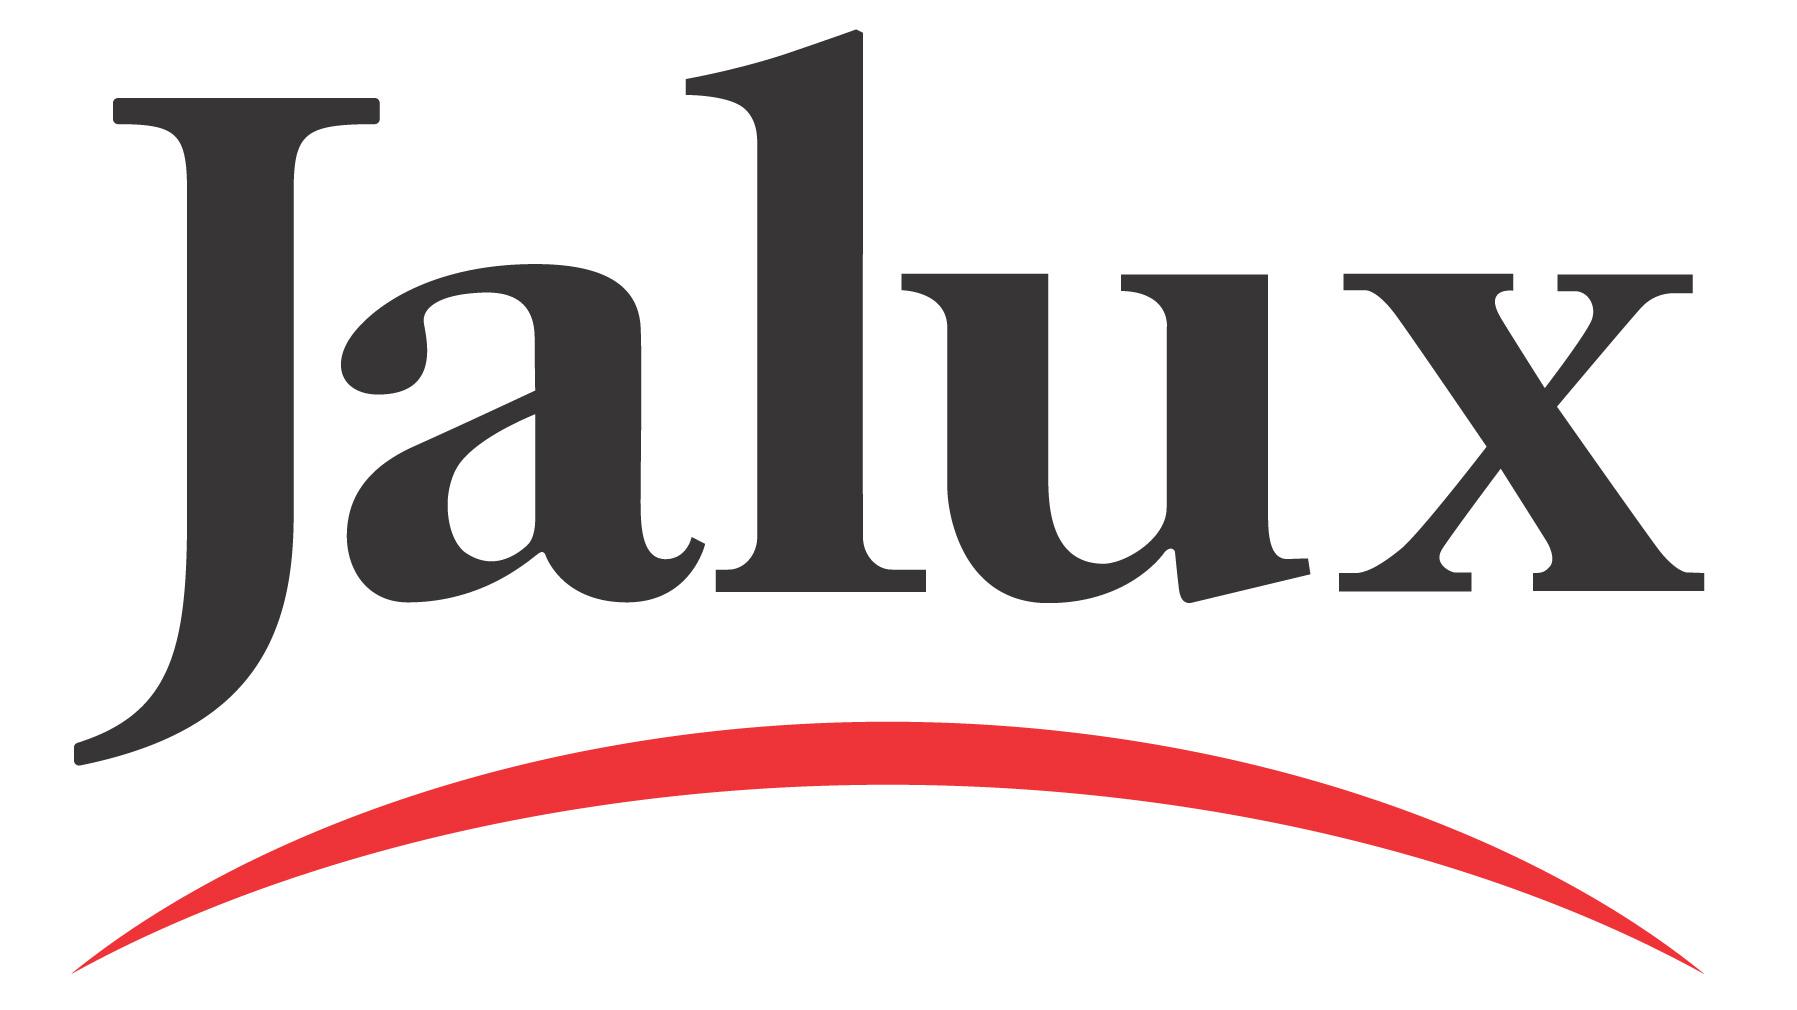 ホワイト500認定のJALUX、Carelyを導入し健康管理のDXを推進 〜業務効率化によって、持続可能な健康経営を実現〜